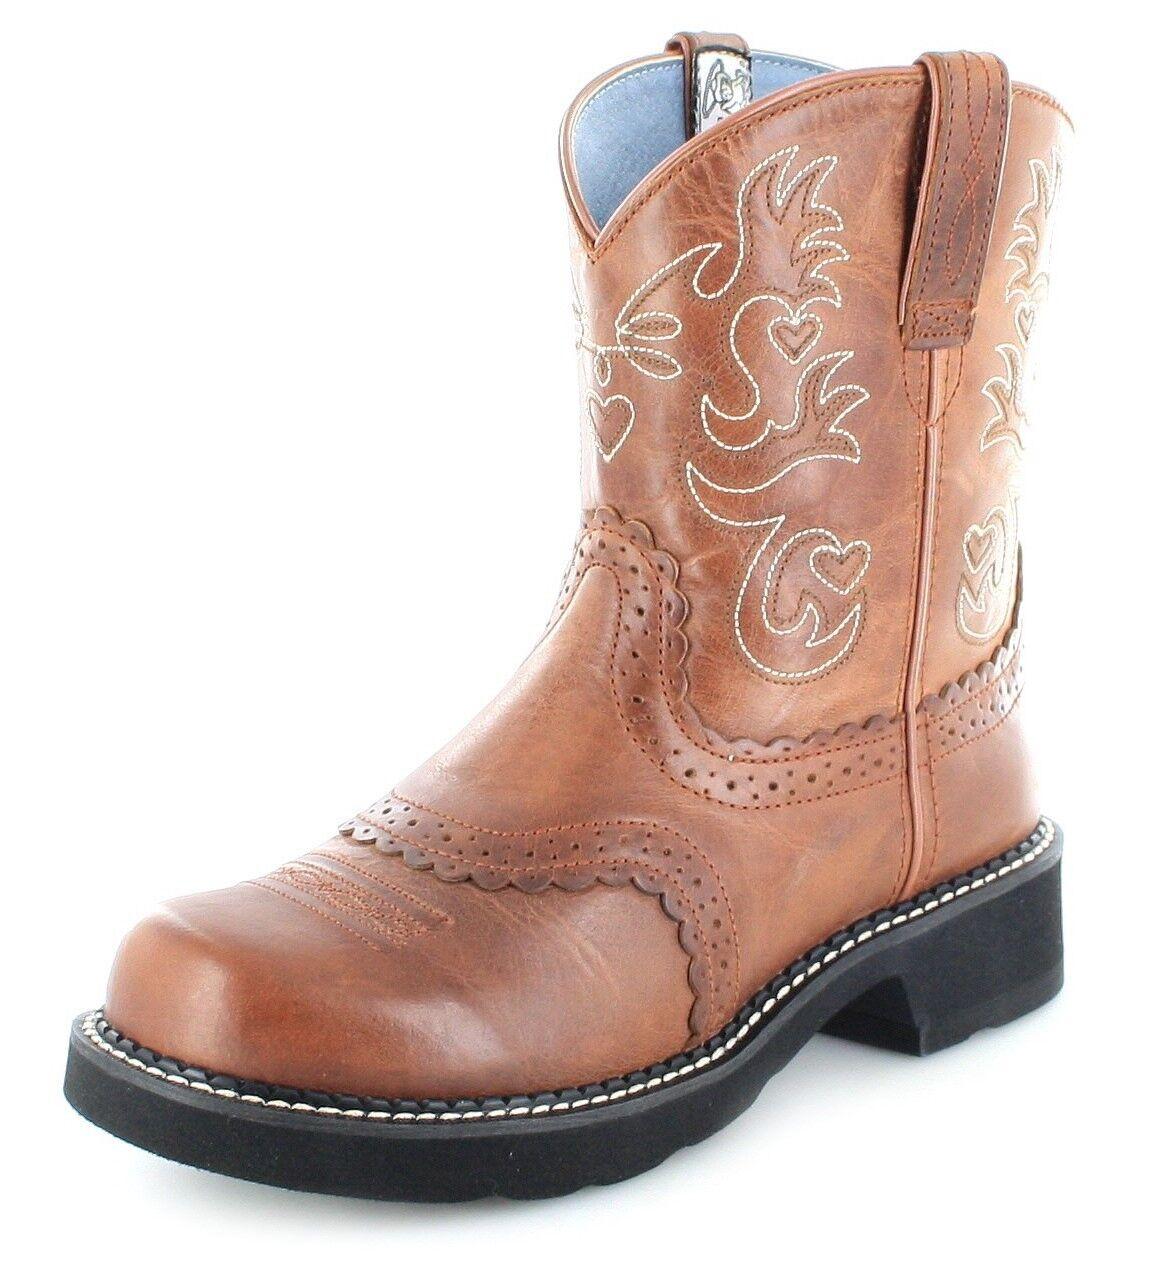 Ariat 0860 fatbaby Saddle Rebel señora botas de cuero marrón westernreitbotas